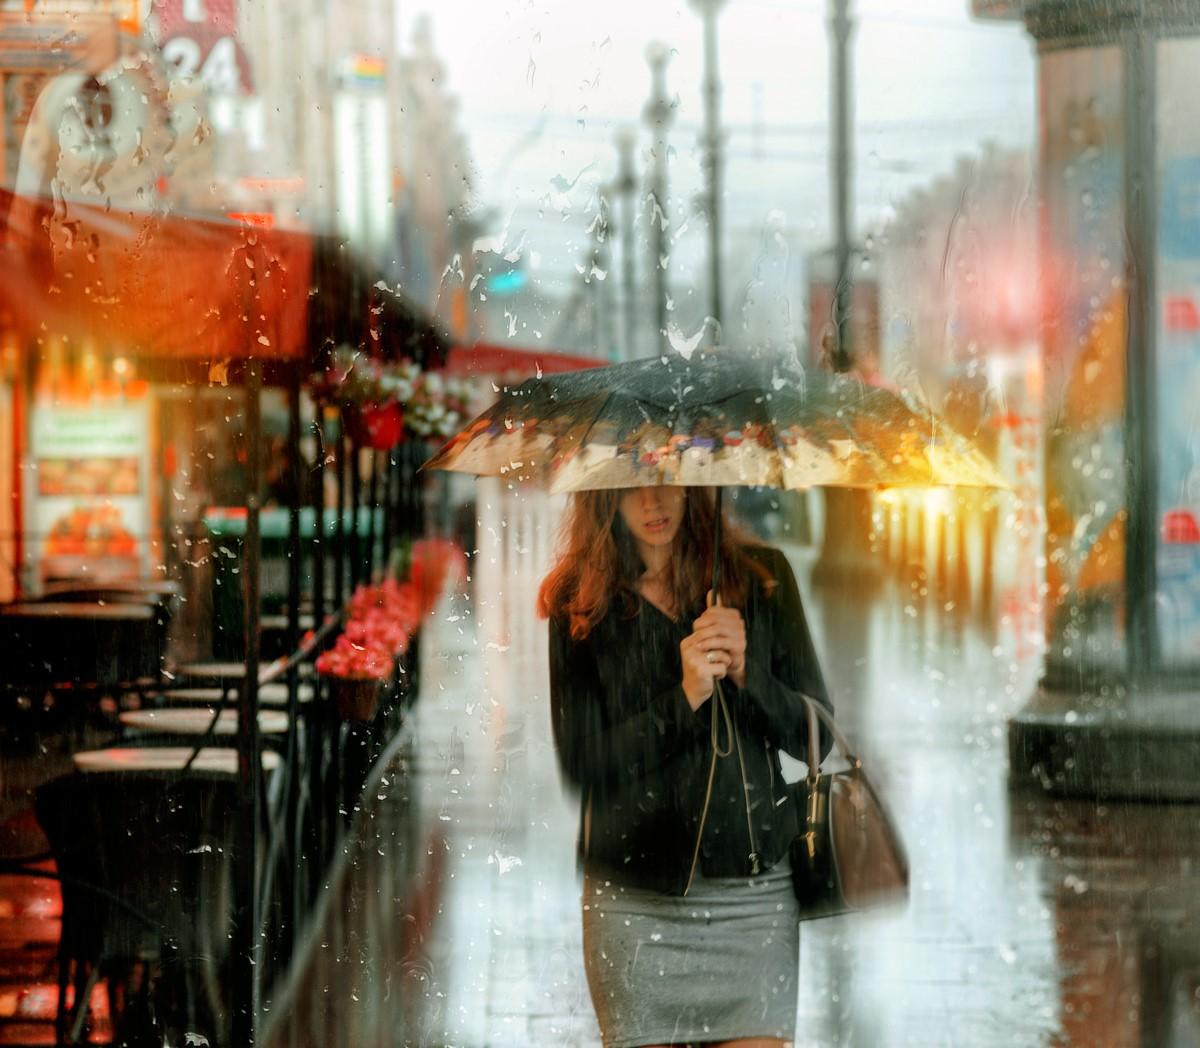 Дождливые фотографии Эдуарда Гордеева кабель, фотографа, дождём, кабеля, кажется, наличии, всегда, типоразмеров, сечений, Например, вббшв, Москве, низким, реализацией, занимаемся, Также, доставкой, различных, автоматическое, отключение